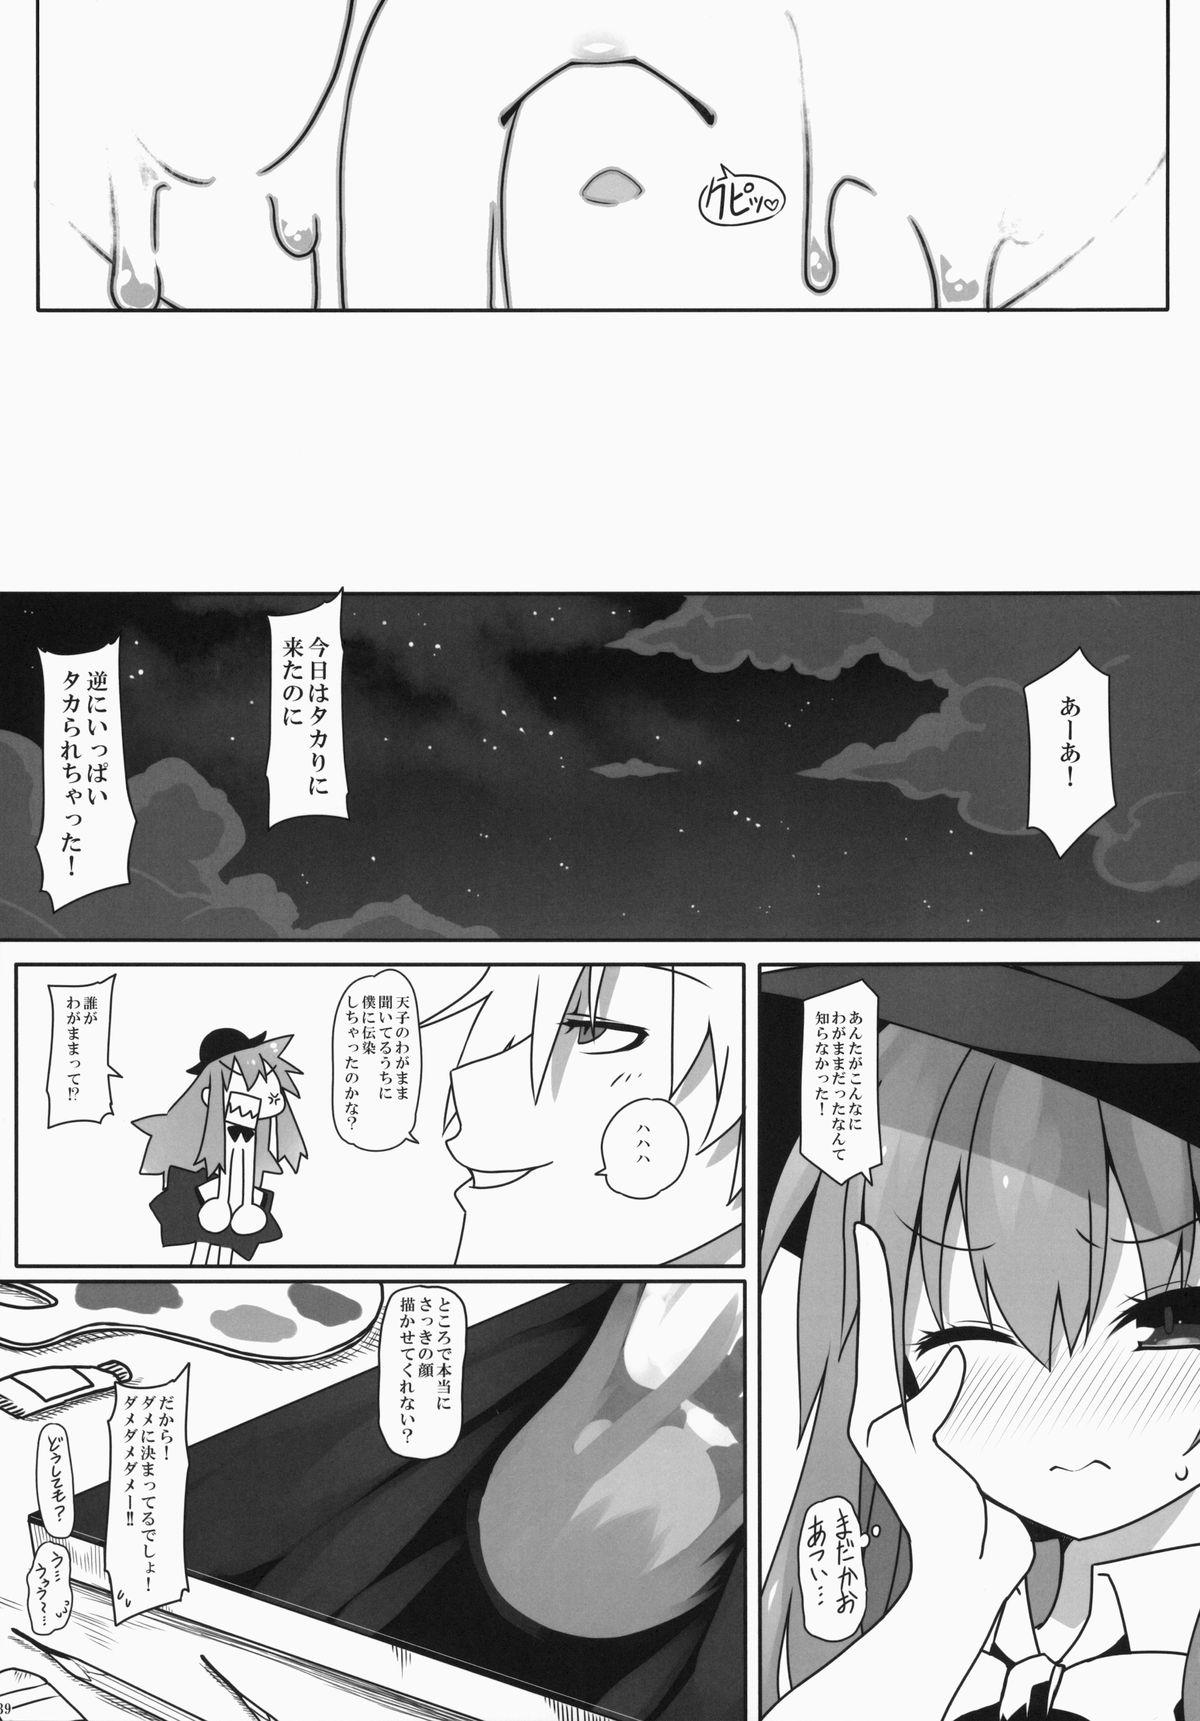 Watashi no E o Kaite 39